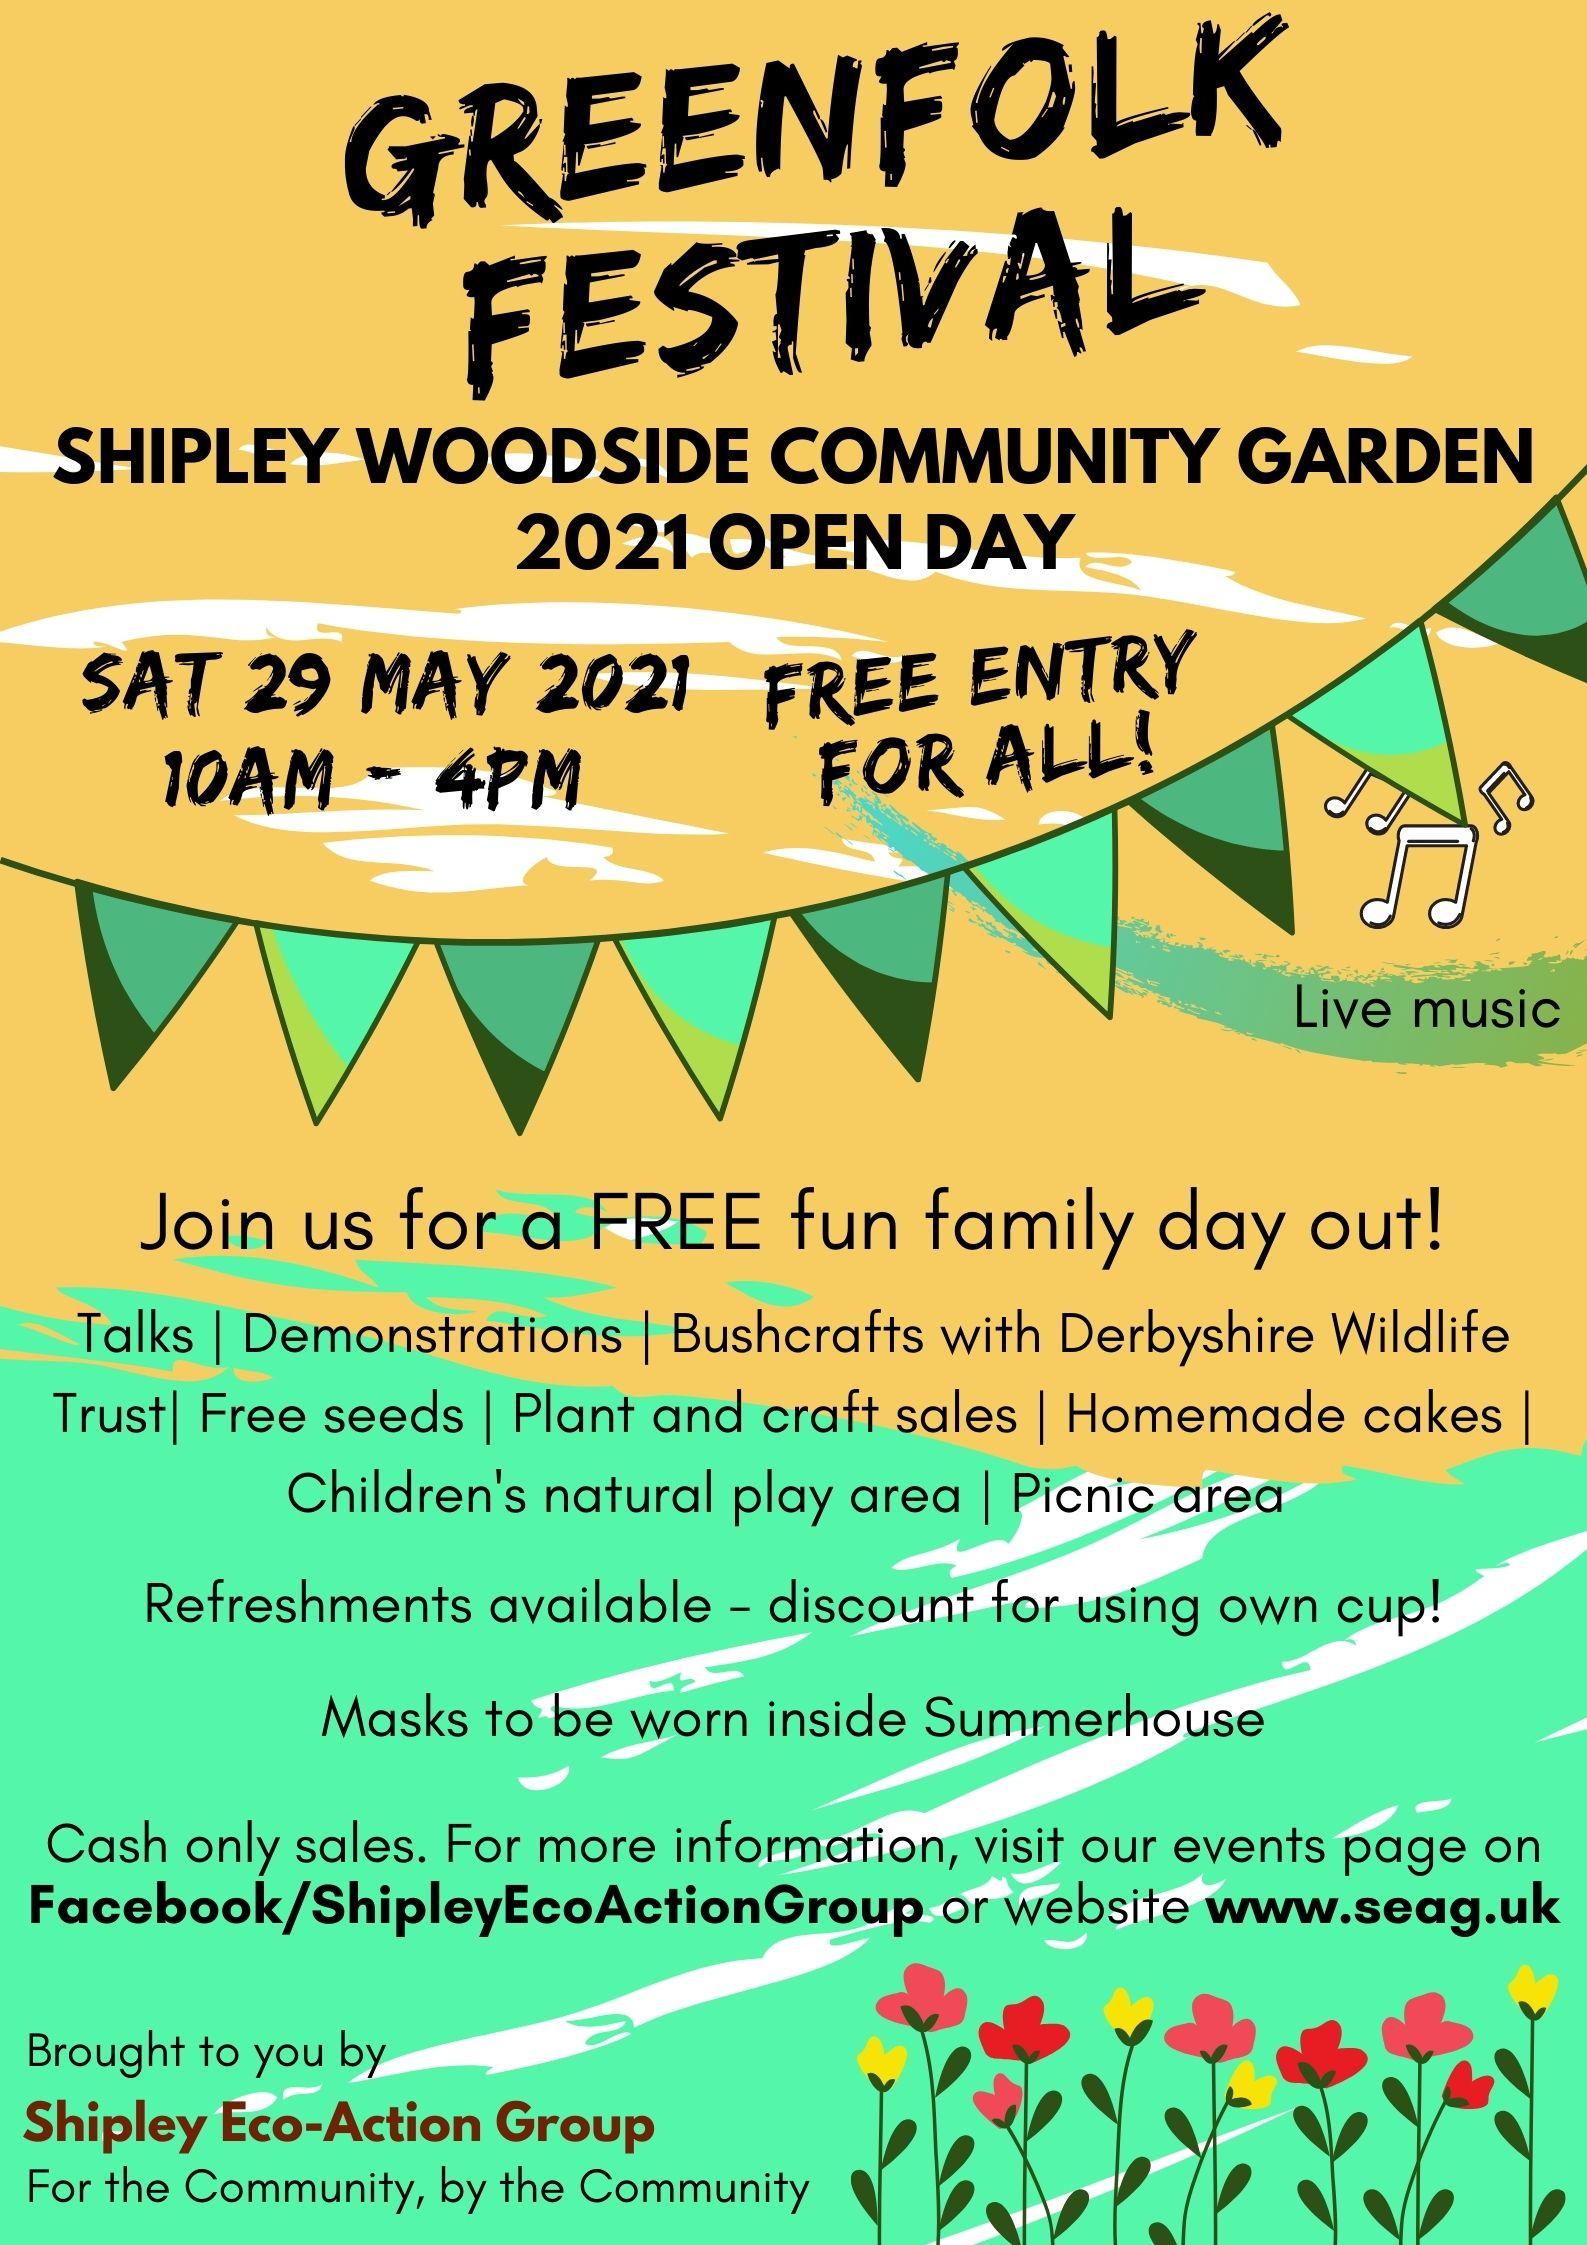 Greenfolk festival open day